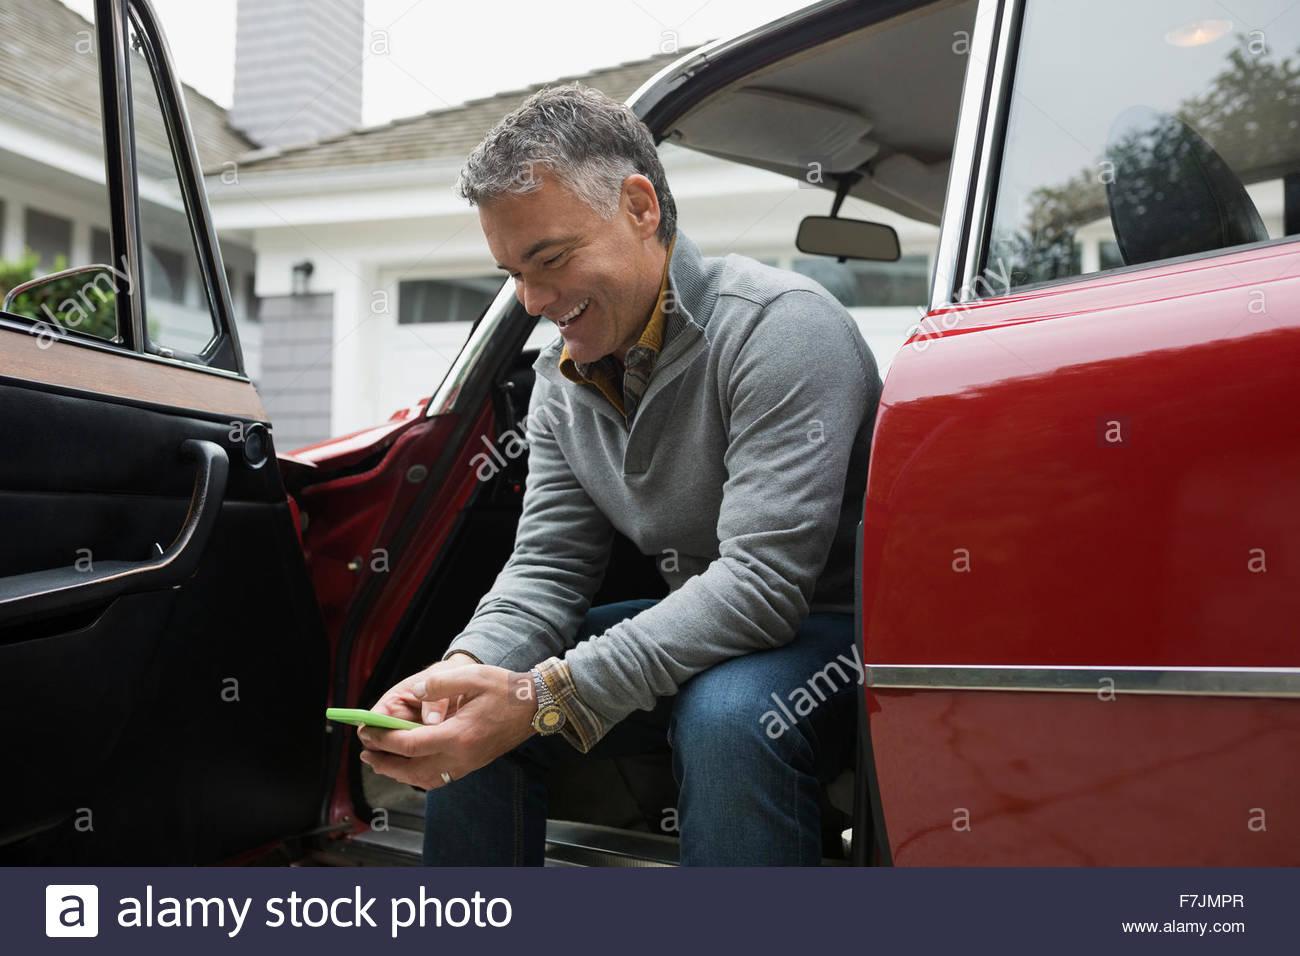 Man using cell phone in car door open - Stock Image